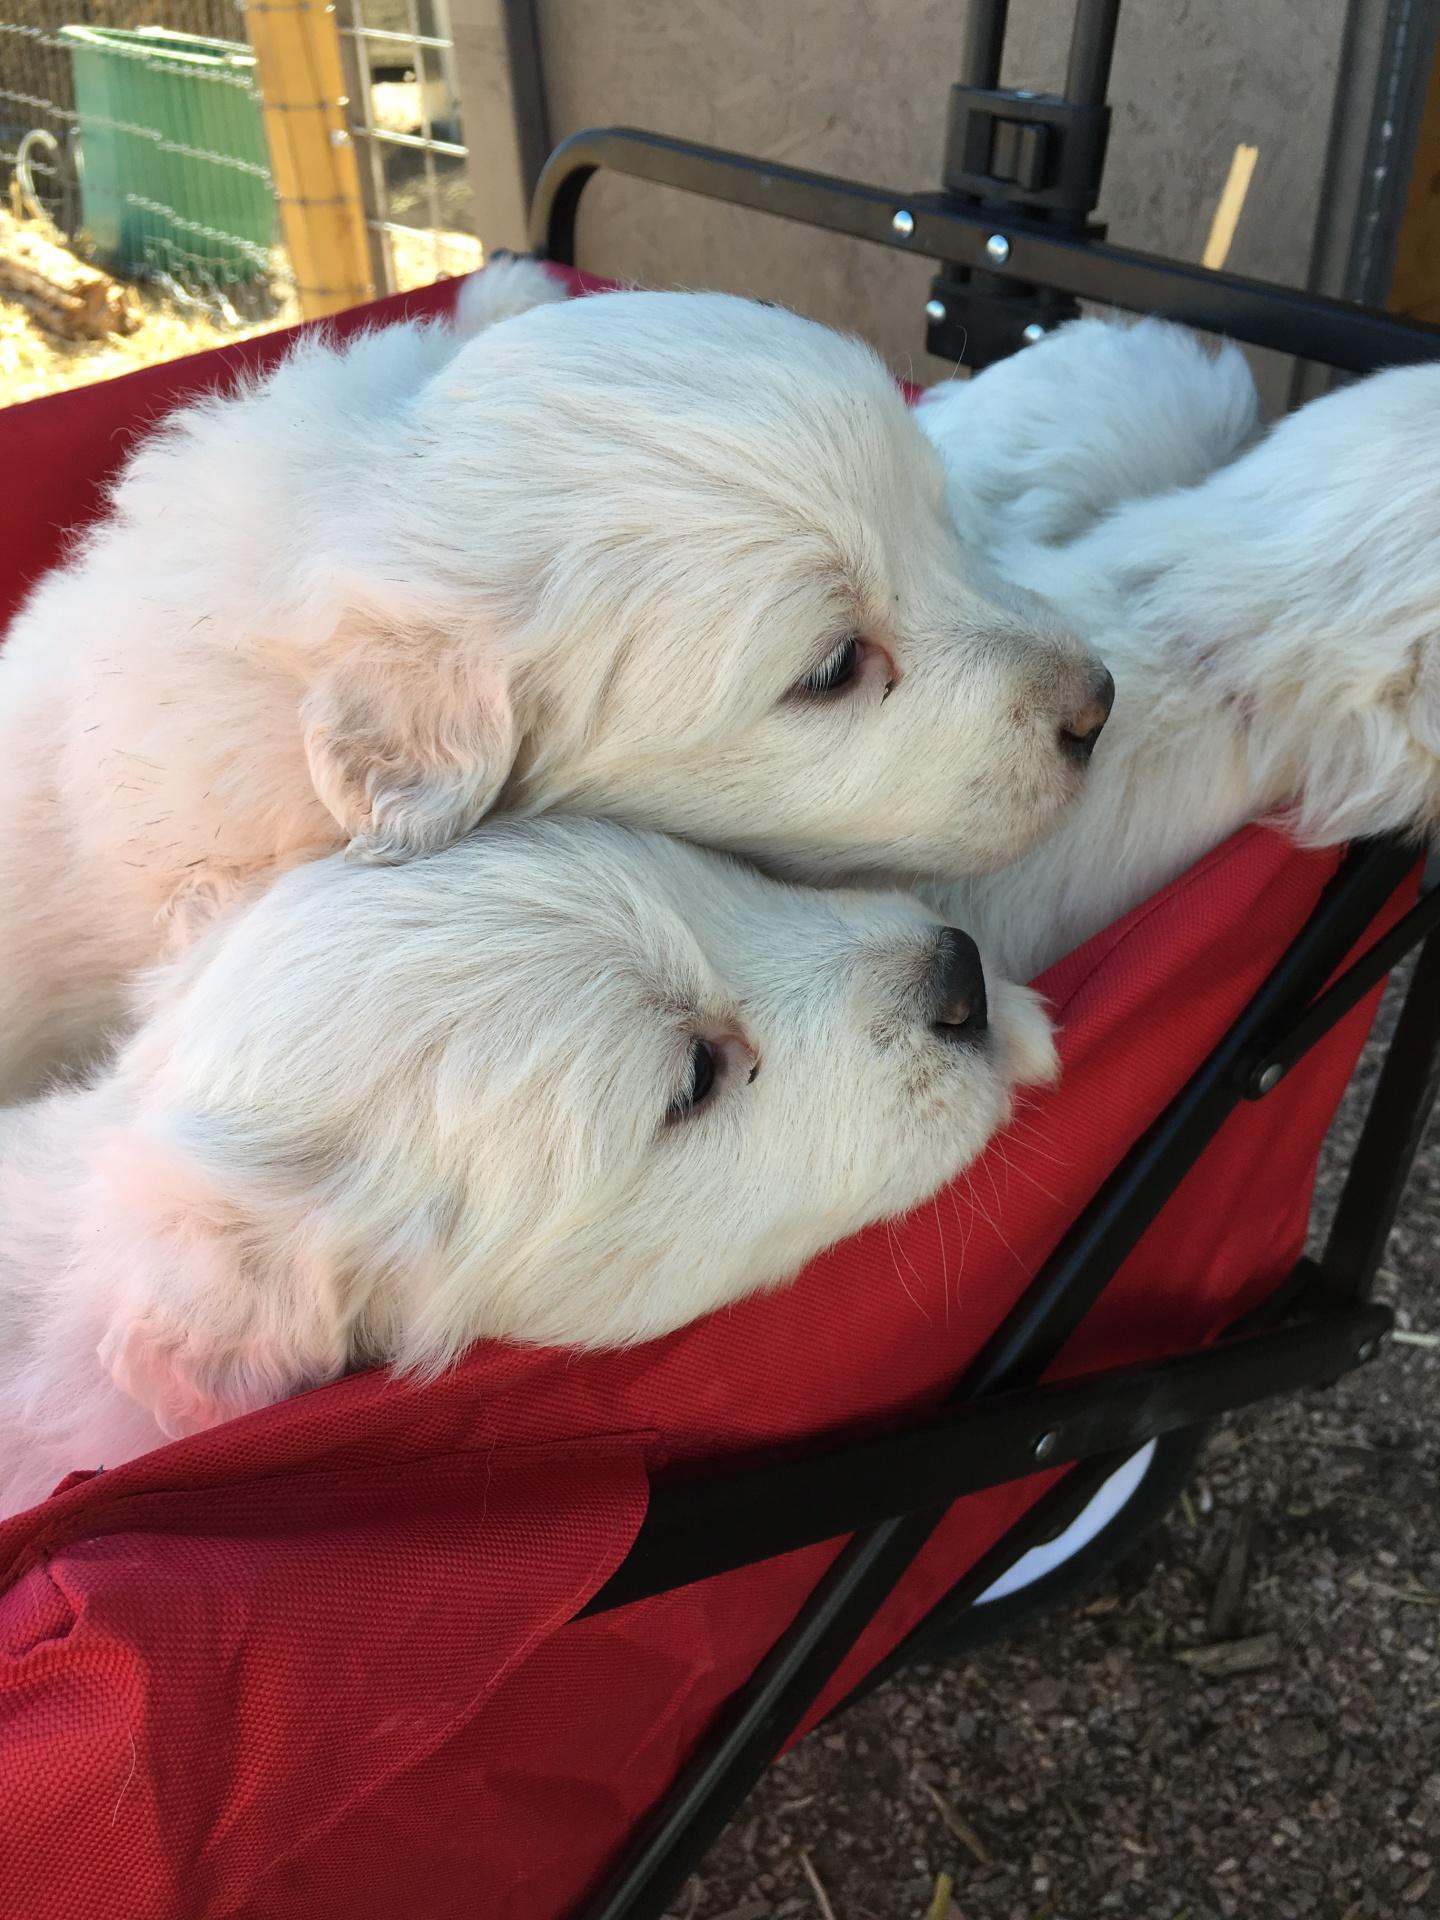 Puppy wagon